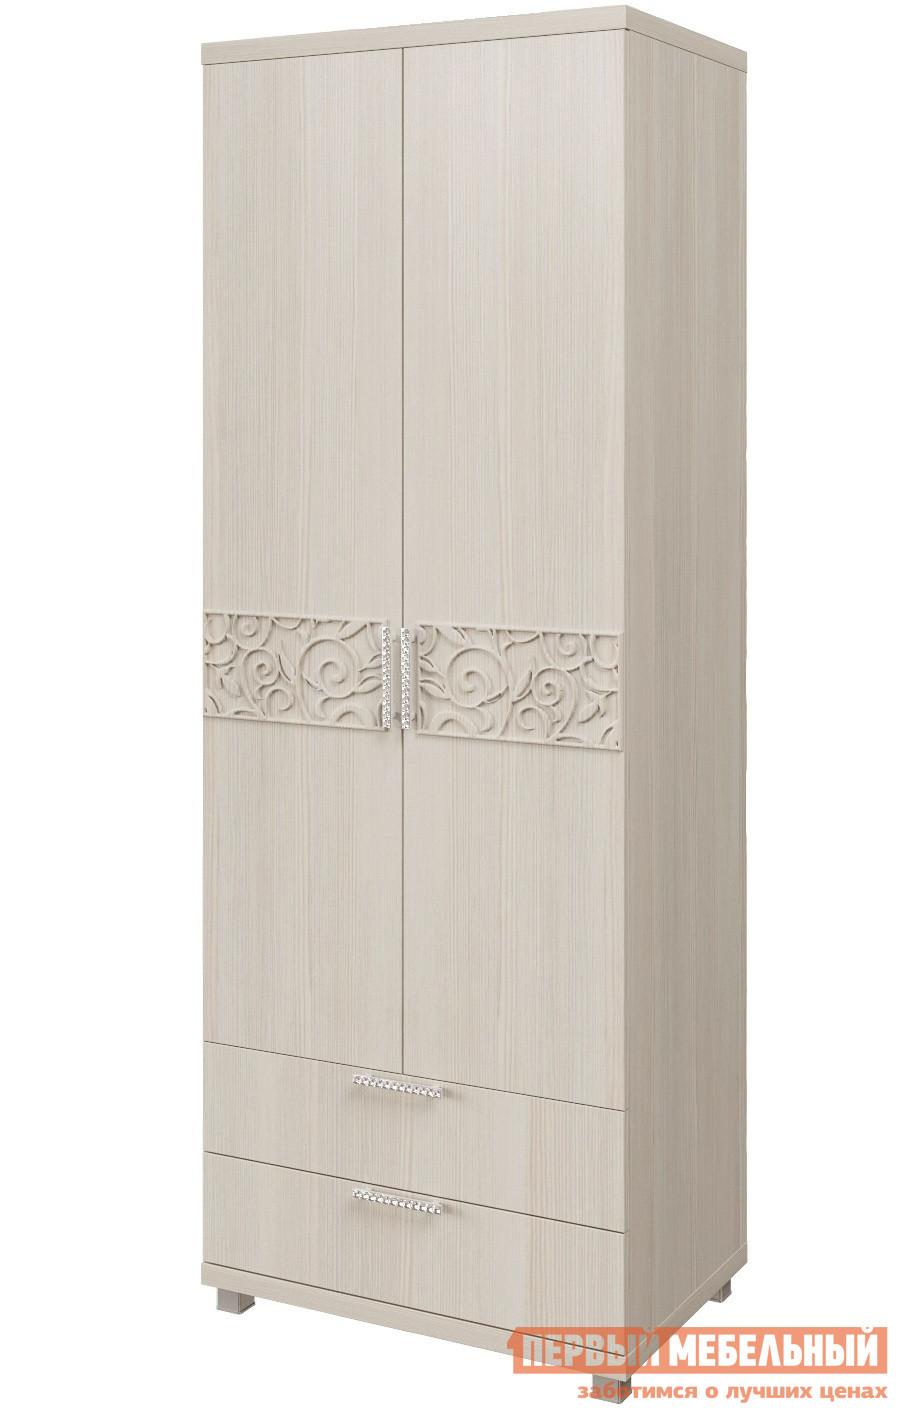 Шкаф распашной ТД Арника 08 «Ирис» Шкаф для белья 2-х дверный с ящиками шкаф для одежды 4 х дв с ящиками ирис